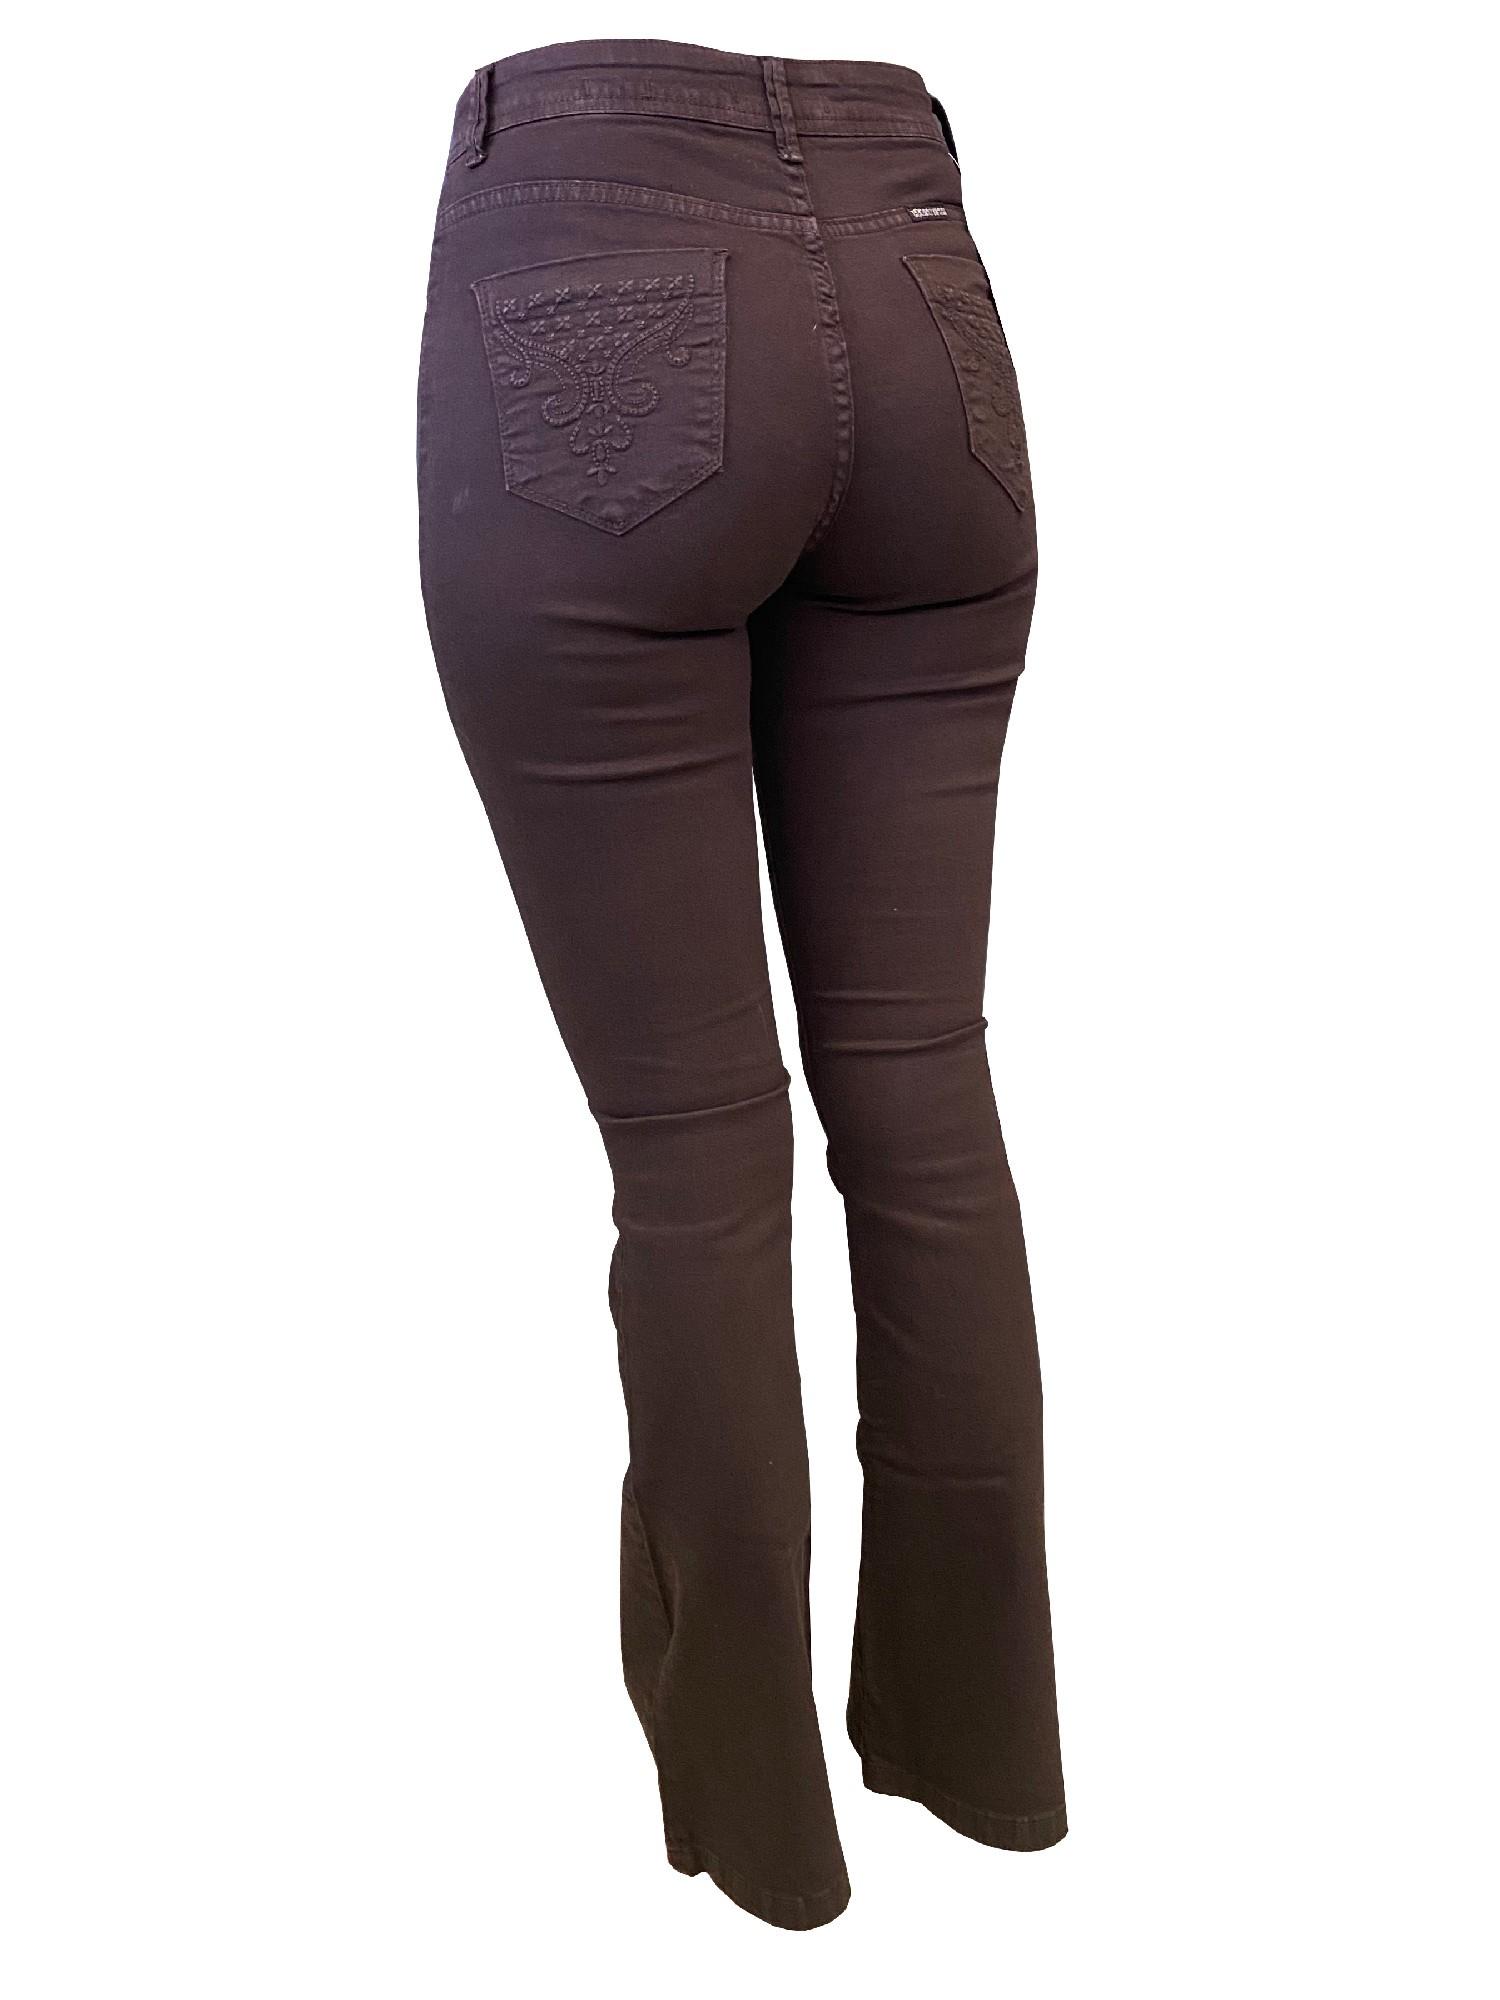 Calça Jeans Feminina Smith Brother's Flare Marrom Ref. 5008